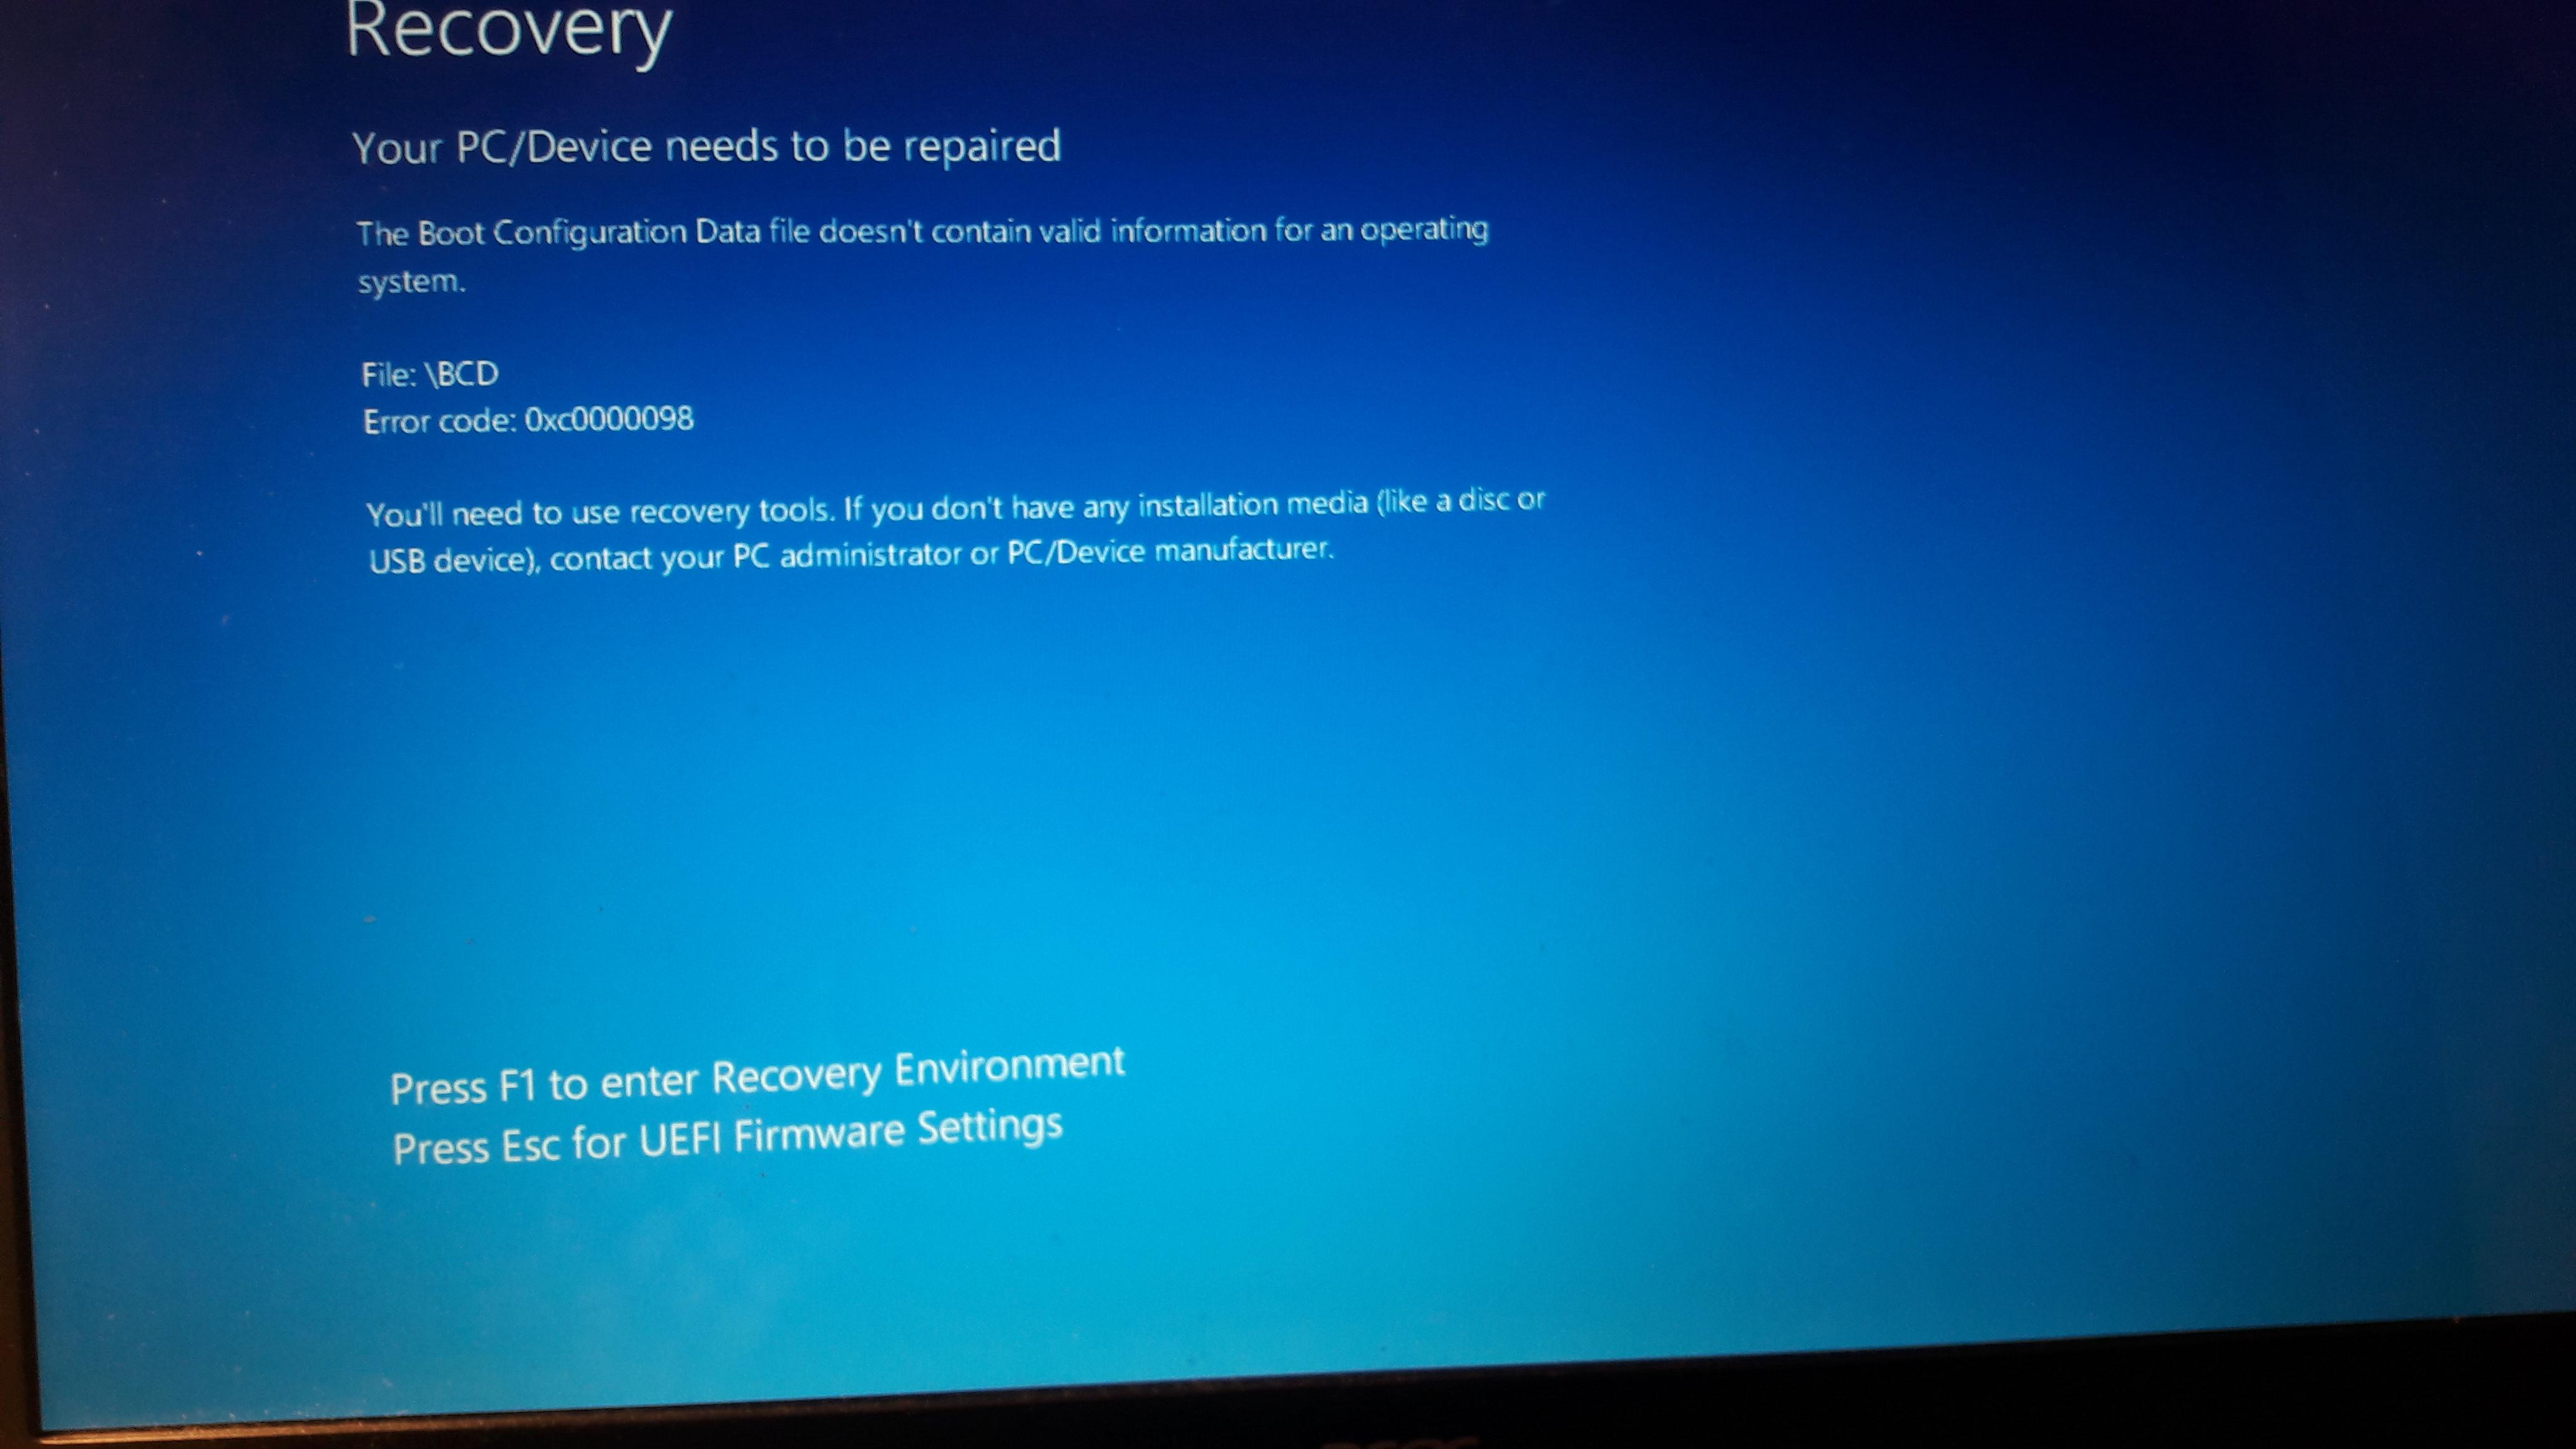 Beim Start erscheint nur ein Blauer Bildschirm - Recovery